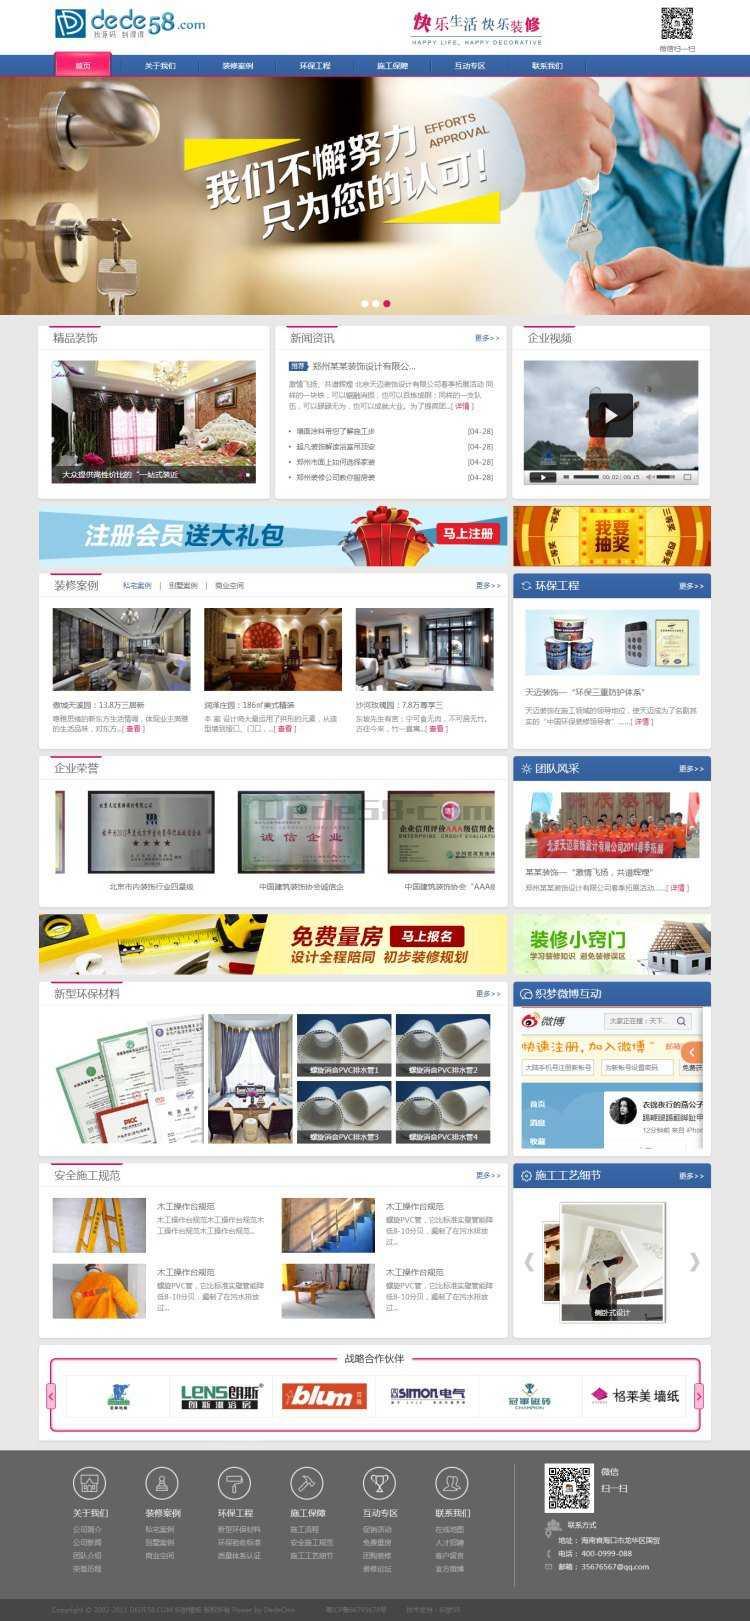 织梦装饰工作室装修装潢企业网站织梦模板插图